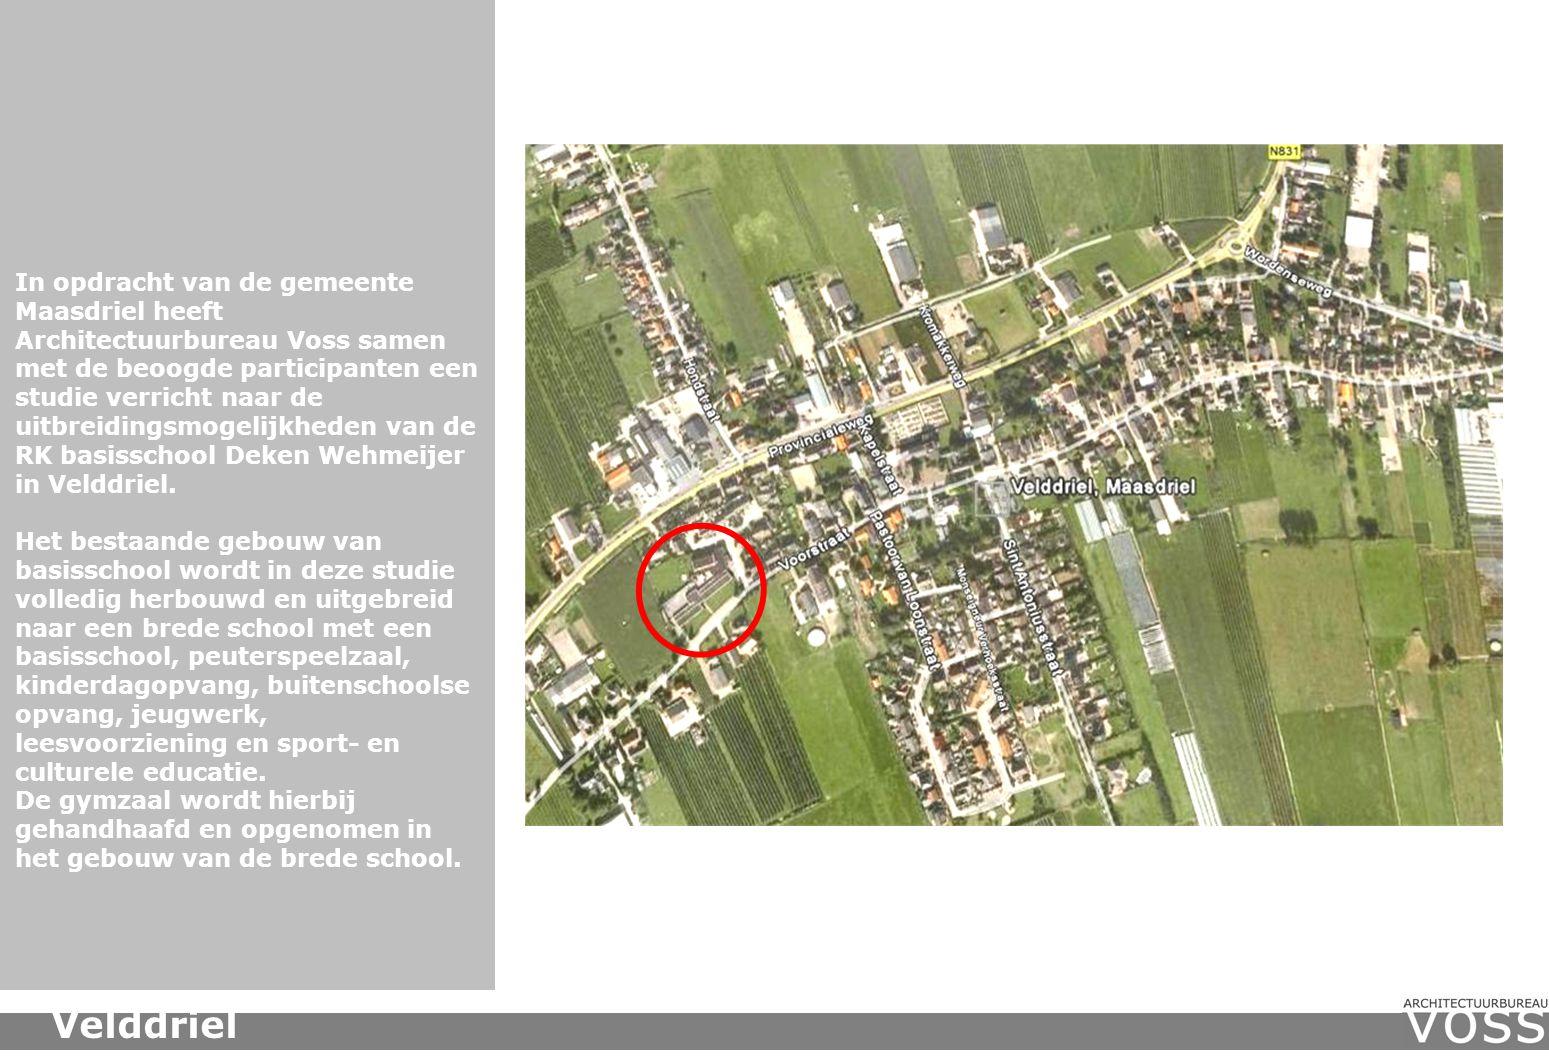 In opdracht van de gemeente Maasdriel heeft Architectuurbureau Voss samen met de beoogde participanten een studie verricht naar de uitbreidingsmogelijkheden van de RK basisschool Deken Wehmeijer in Velddriel.